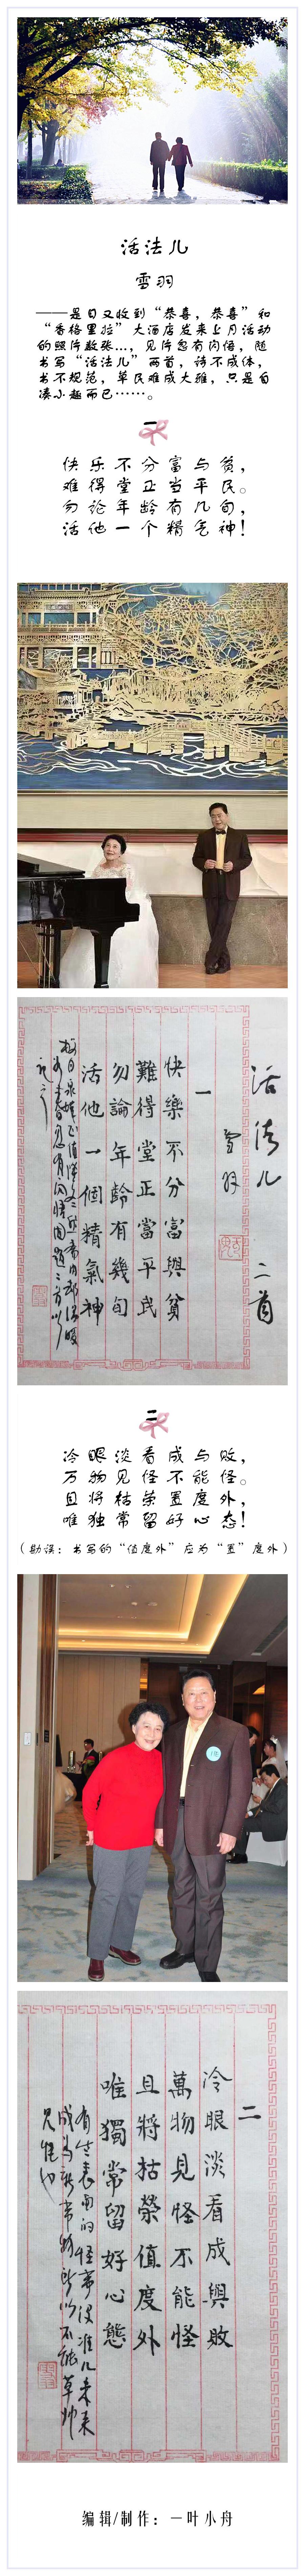 刘老师活法诗合成